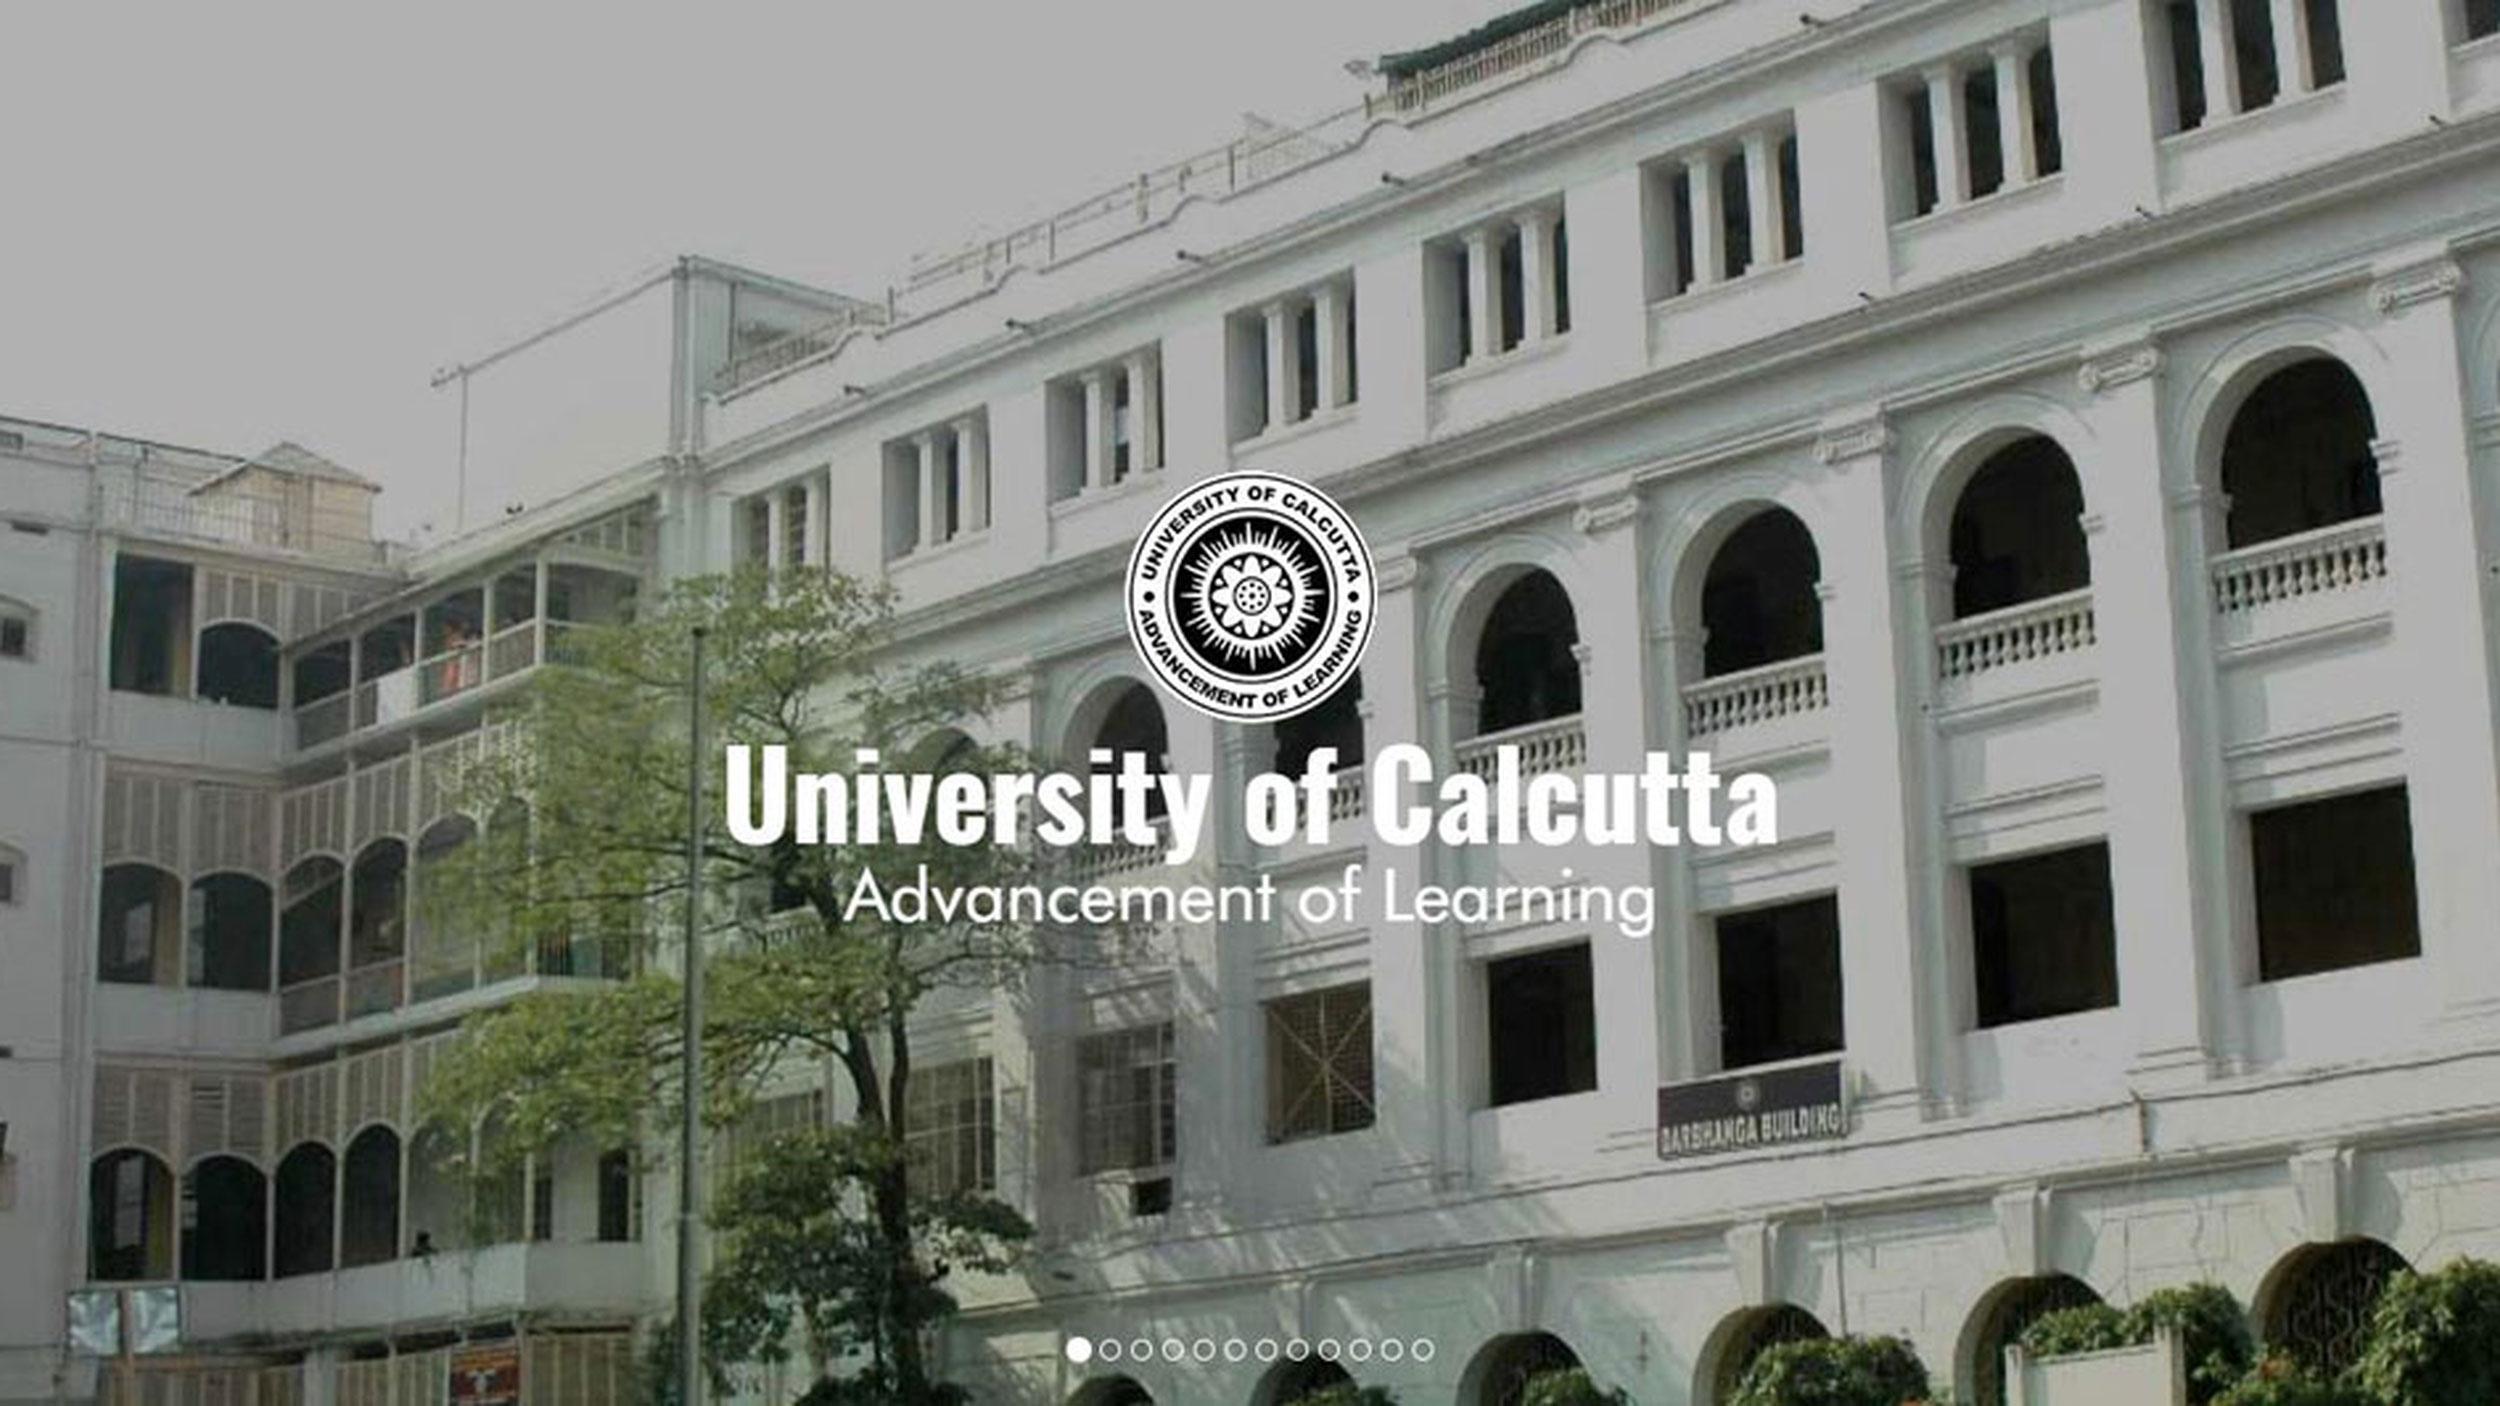 کلکتہ یونیورسٹی ملک کی بہترین یونیورسٹیوں کی فہرست میں چوتھی پوزیشن پر۔ٹاپ ٹین میں جادو پور یونیورسٹی بھی شامل